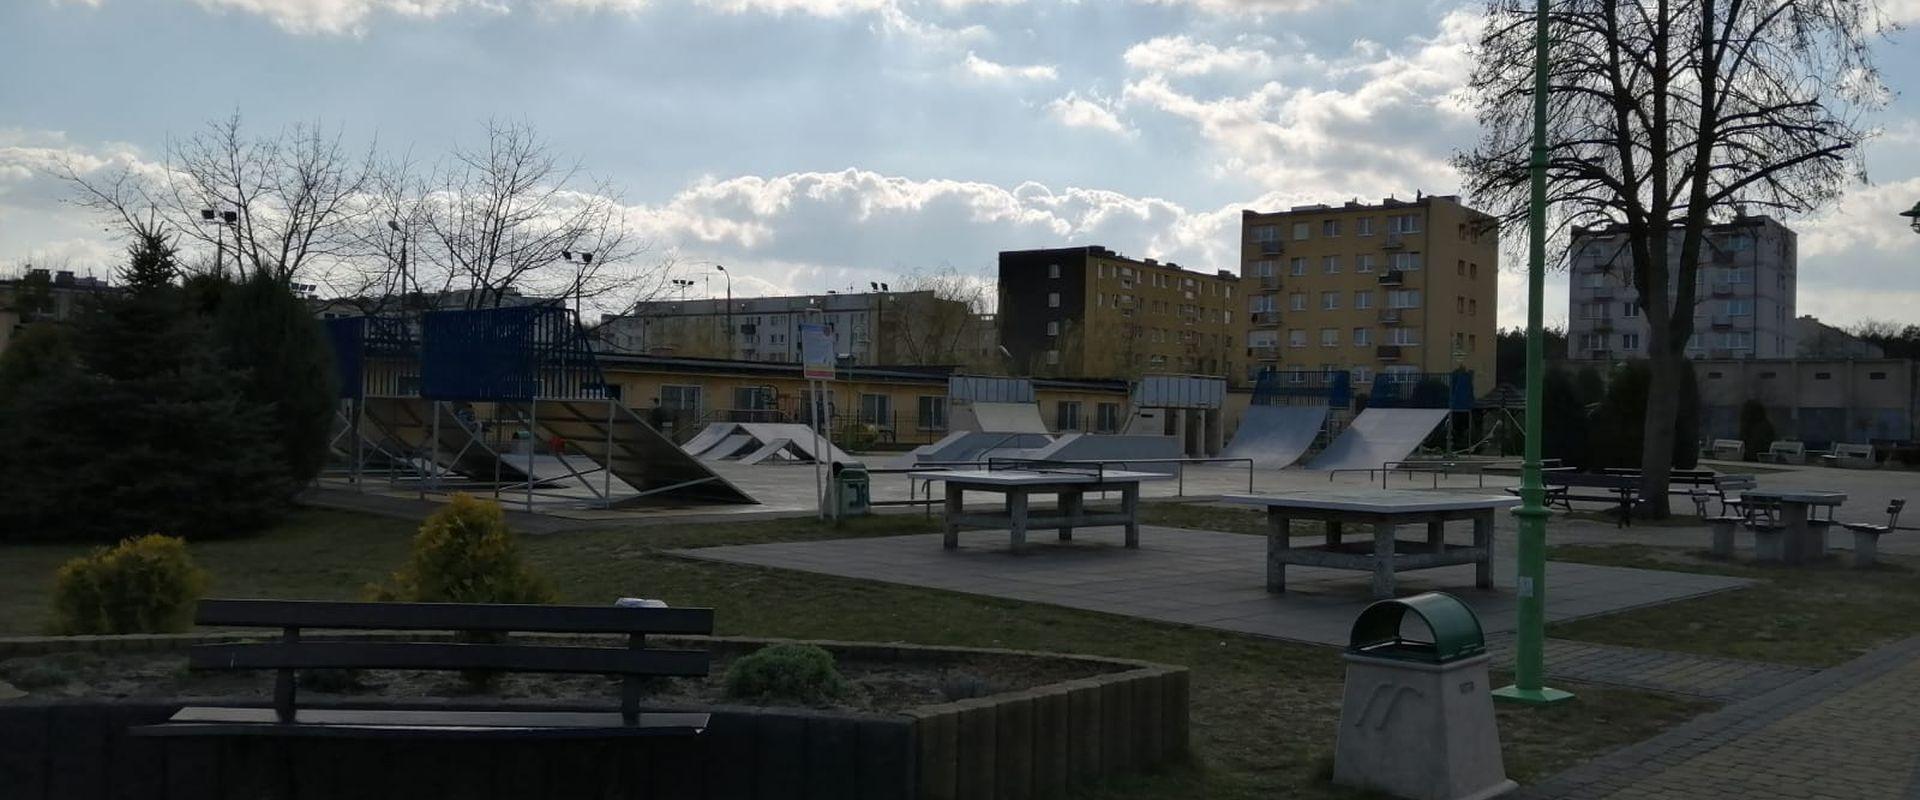 Remont ramp Skate Parku